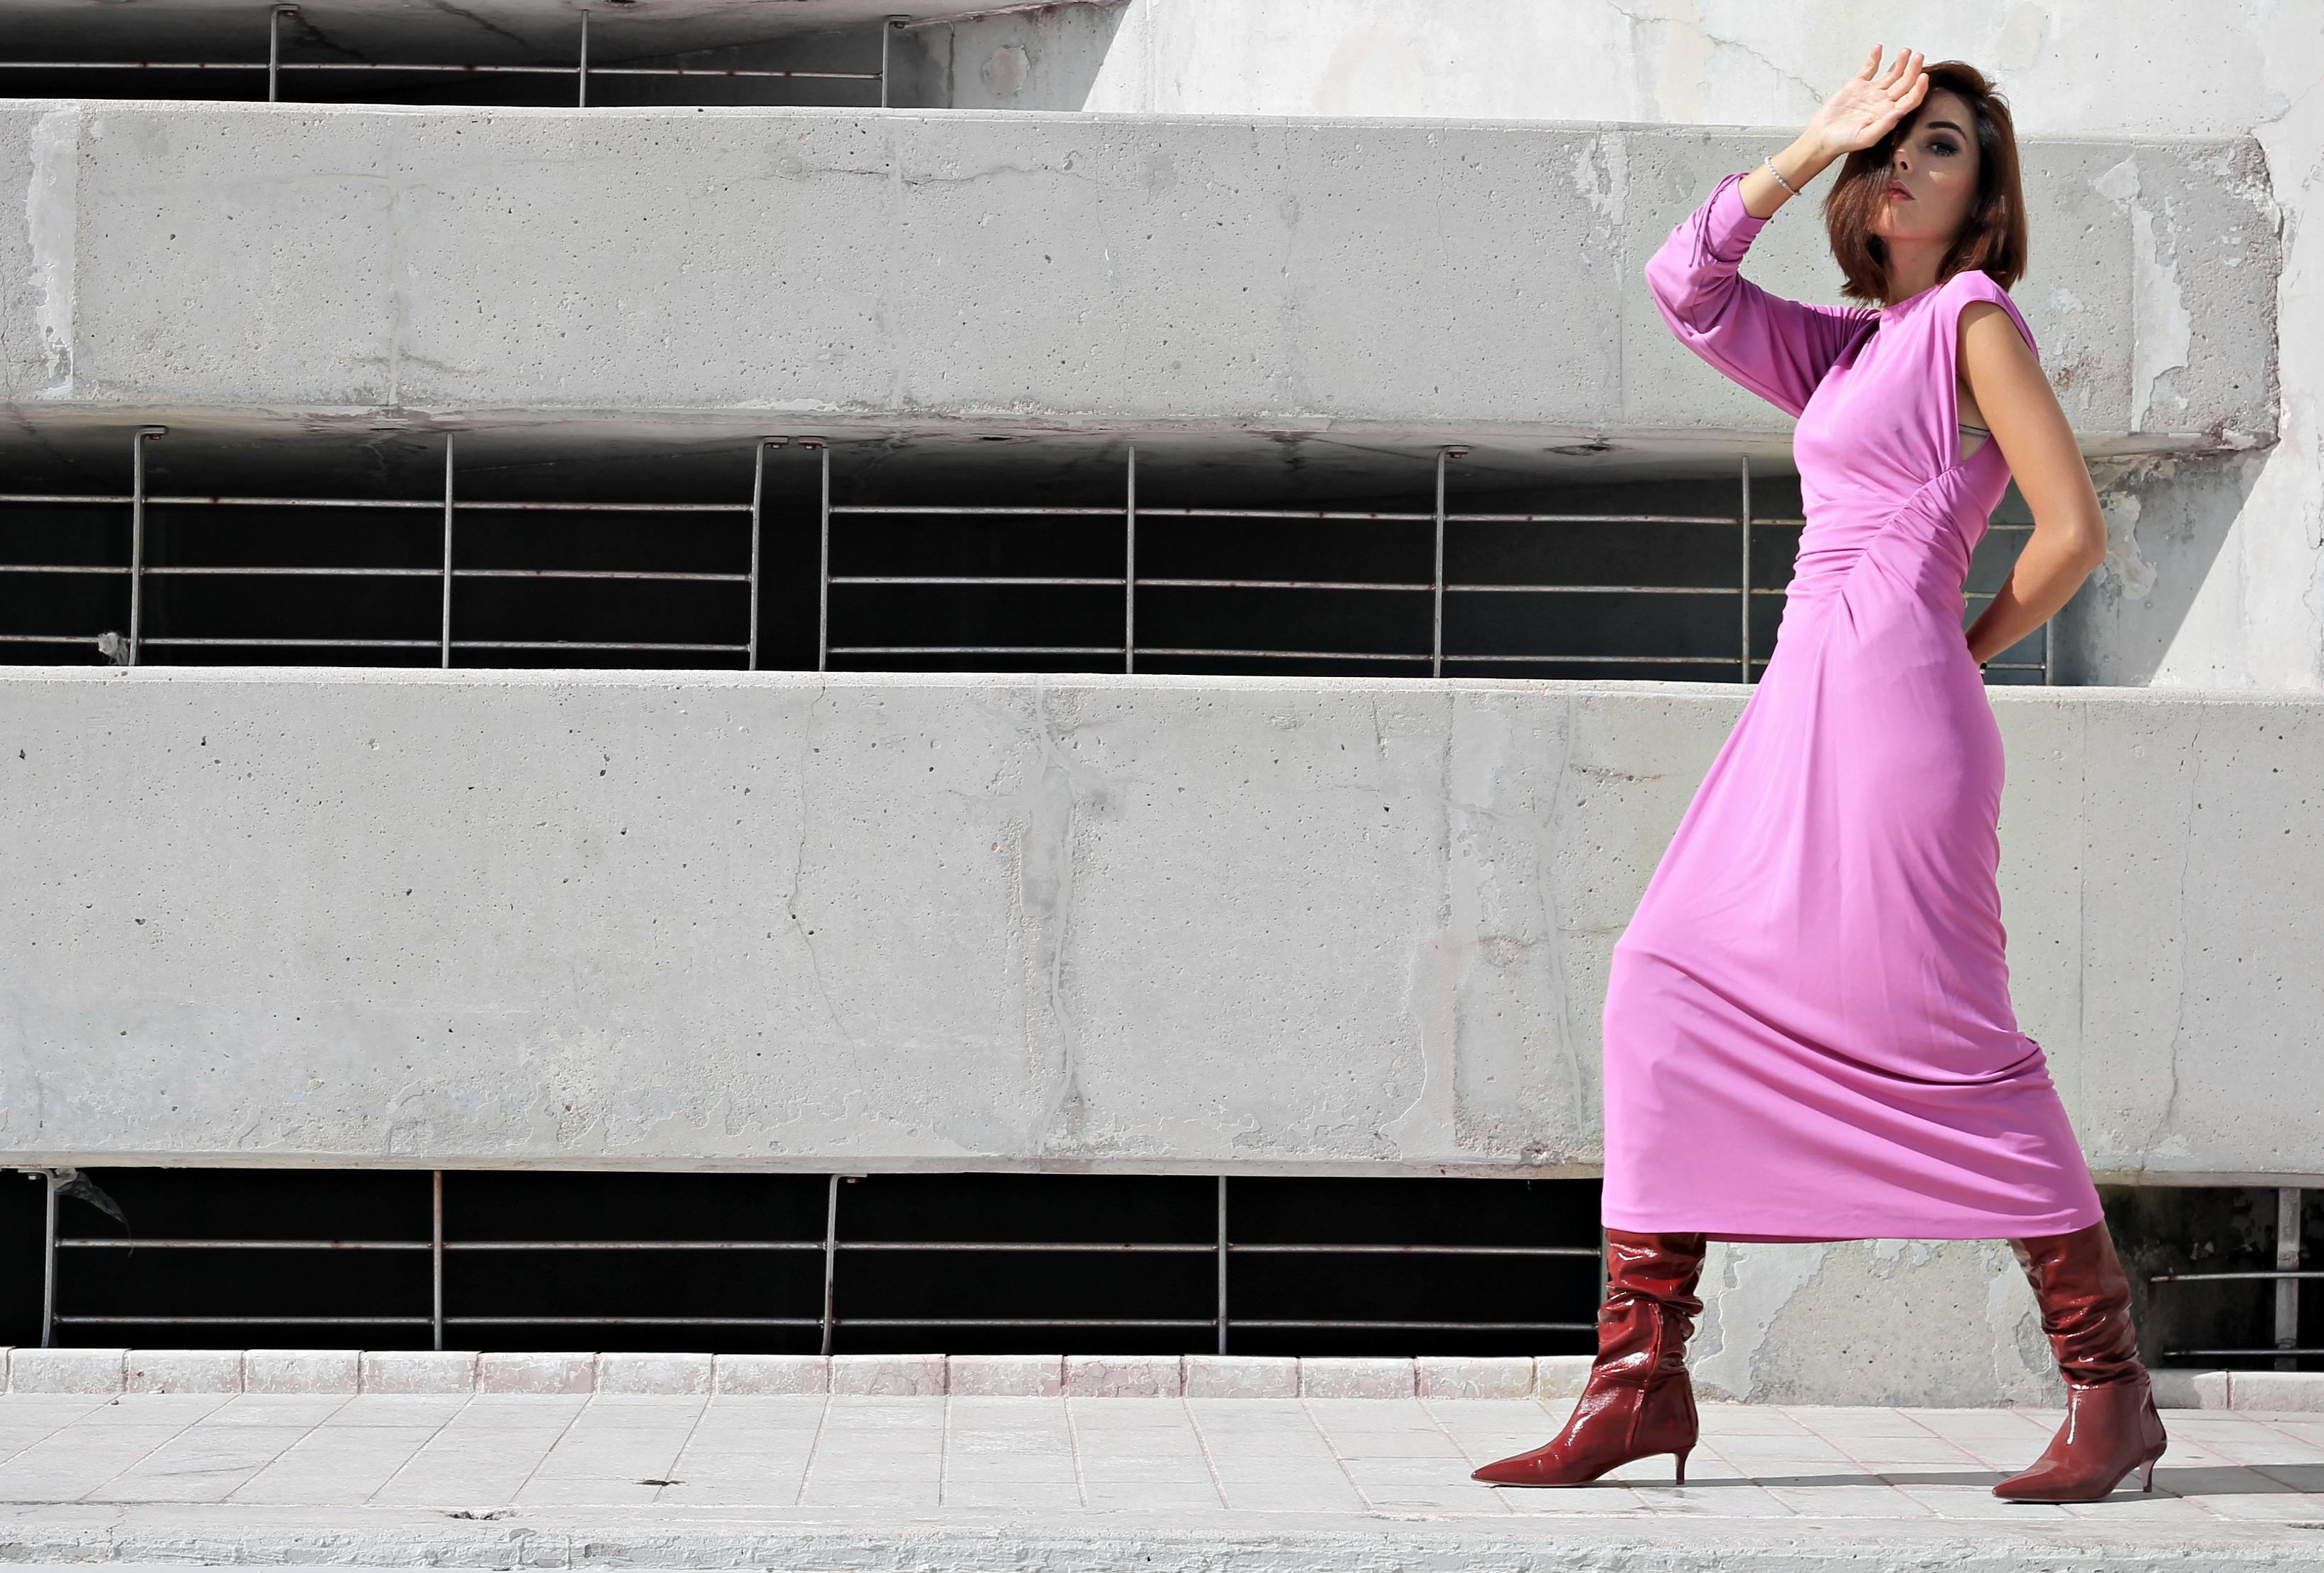 Gruppo Kering fatturato, theladycracy.it, stivali zara inverno 2017, cosa va di moda autunno inverno 2017, come vestirsi per una cena 2017, come vestirsi alla moda 2017, cosa mi metto inverno 2017, rosa e rosso outfit idee, abbinare rosa e rosso outfit, elisa bellino, blogger moda più seguite 2017, fashion blogger italiane famose 2017, fashion blog italiani 2017, fashion blog italia 2017, blog moda 2017, outfit autunno inverno 2017